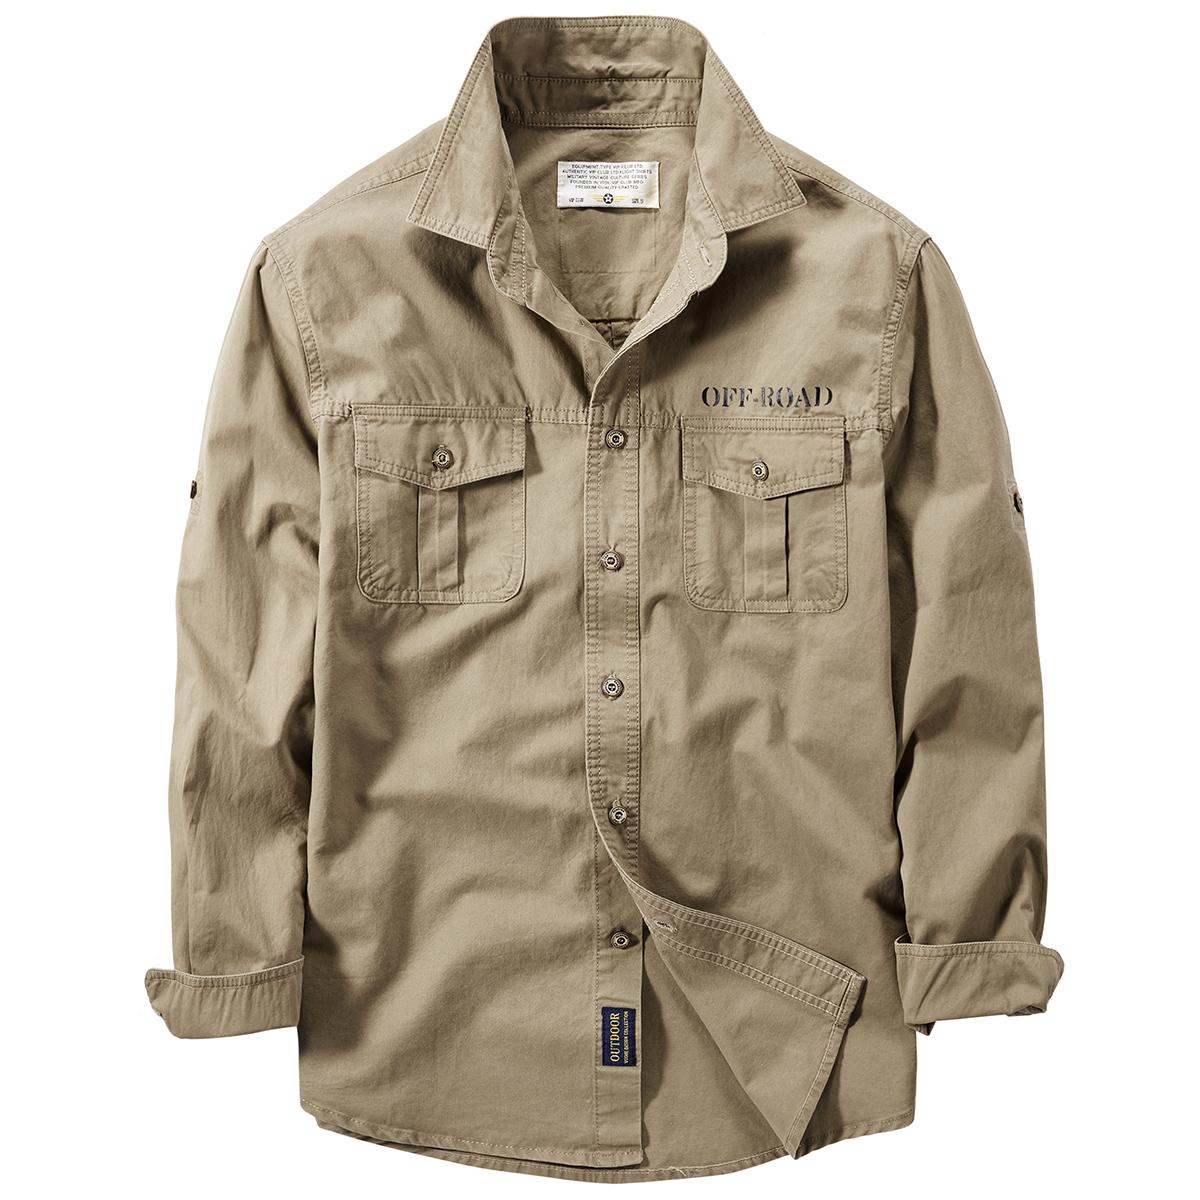 Военная униформа разных стран мира Артикул 584450830517